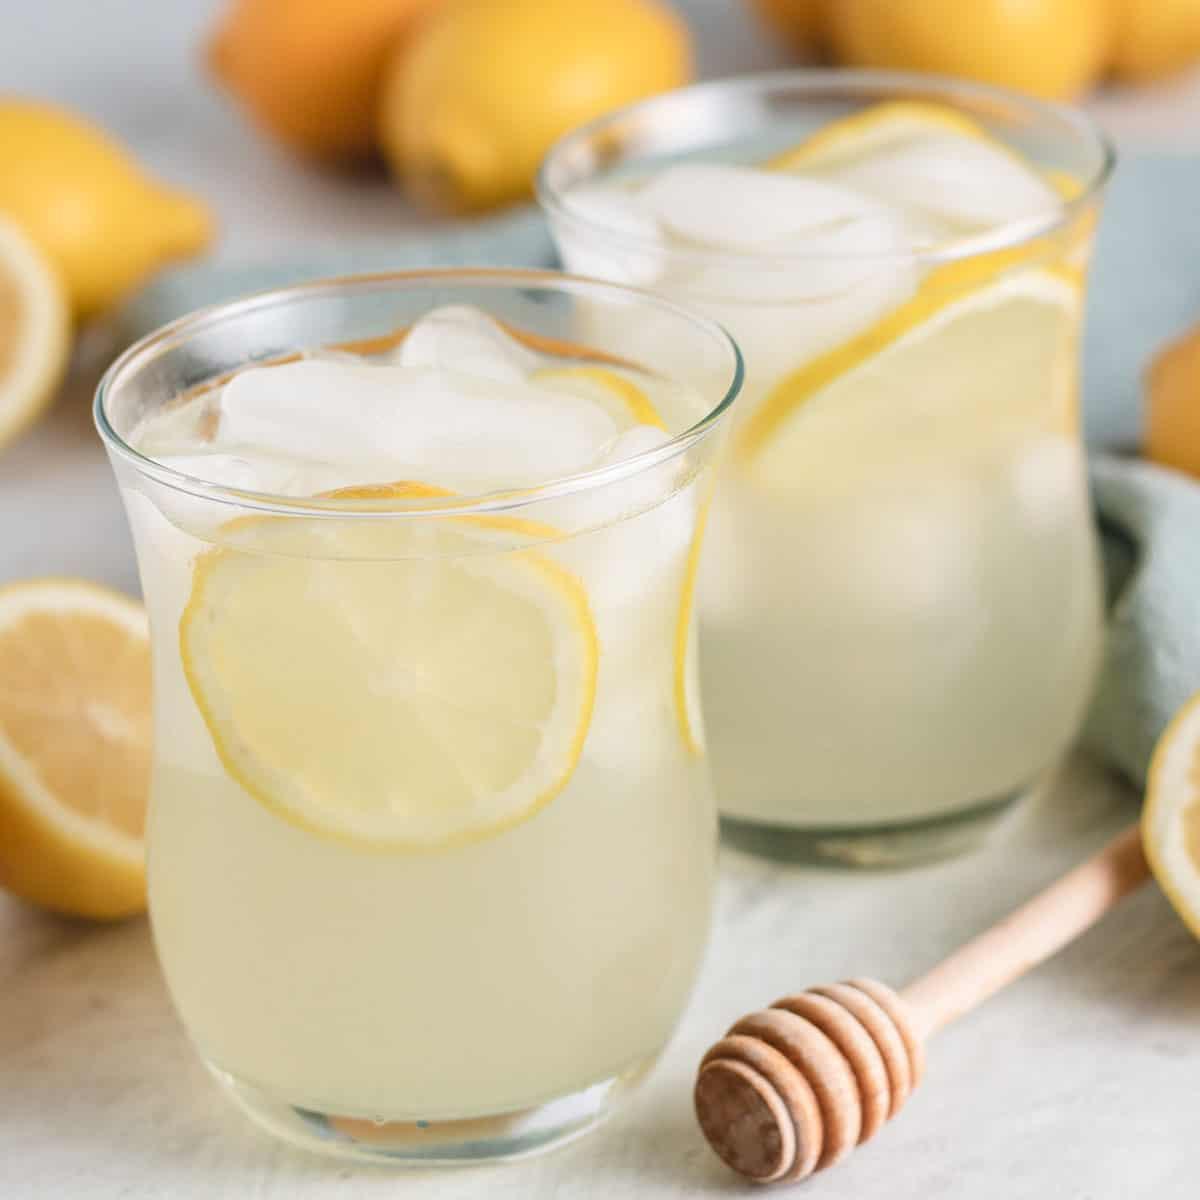 Two glasses with iced honey lemonade and fresh lemon slices.